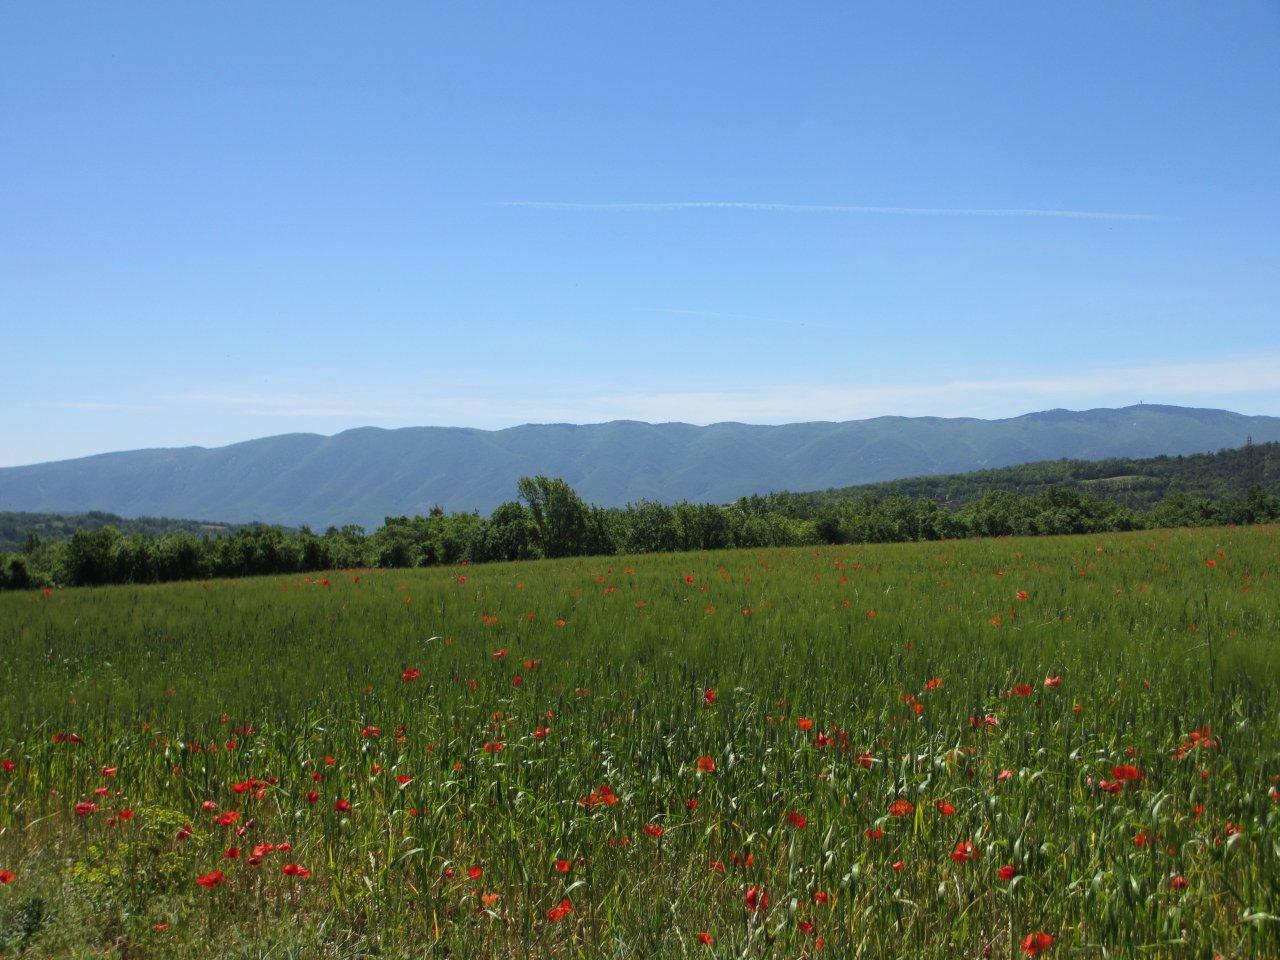 2012-05-23-13-24h-frankreich-provence-hochzeitsreise-179